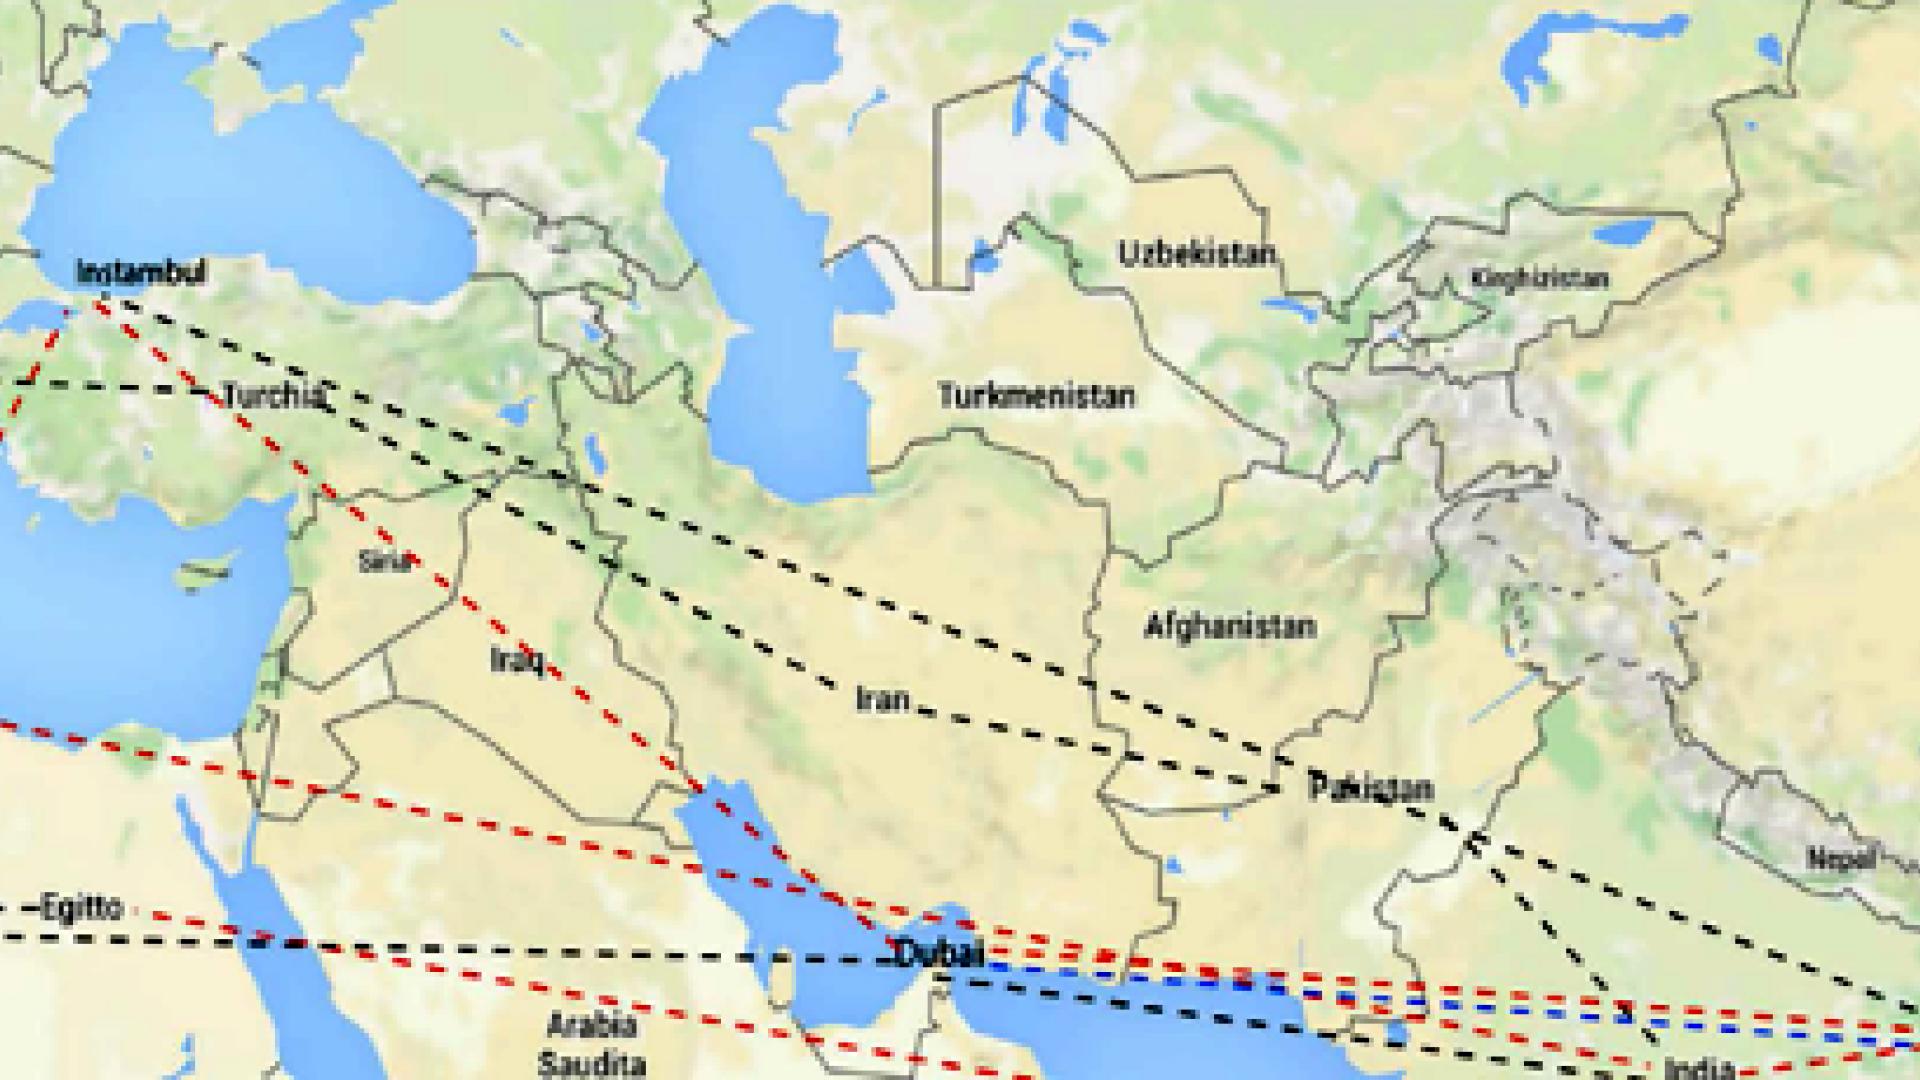 mappa migrazioni asia